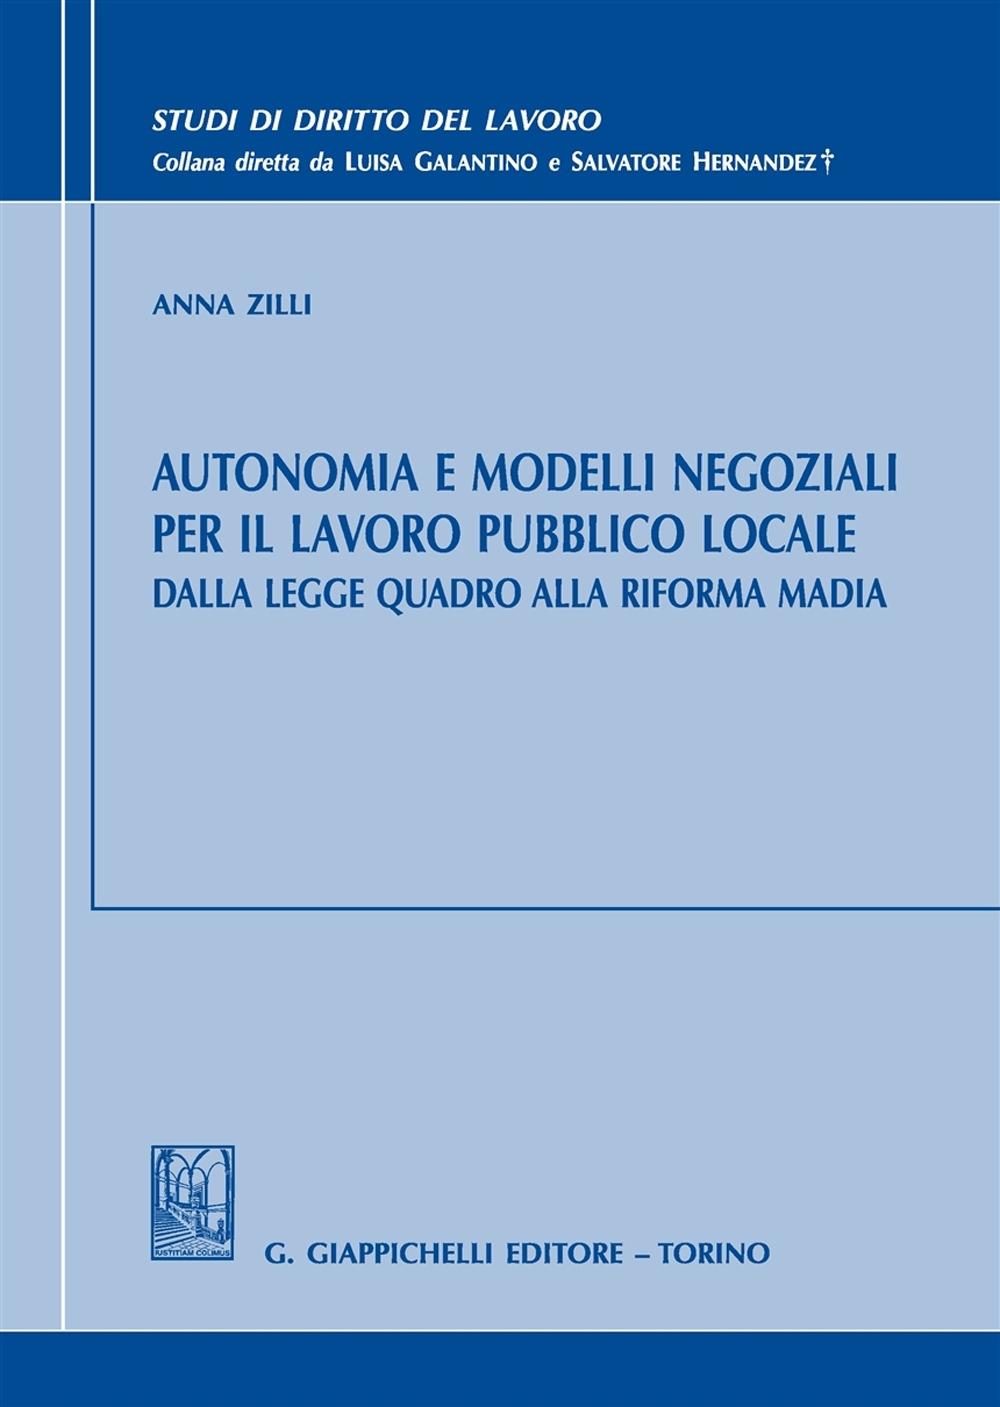 Autonomia e Modelli Negoziali per il Lavoro Pubblico Locale